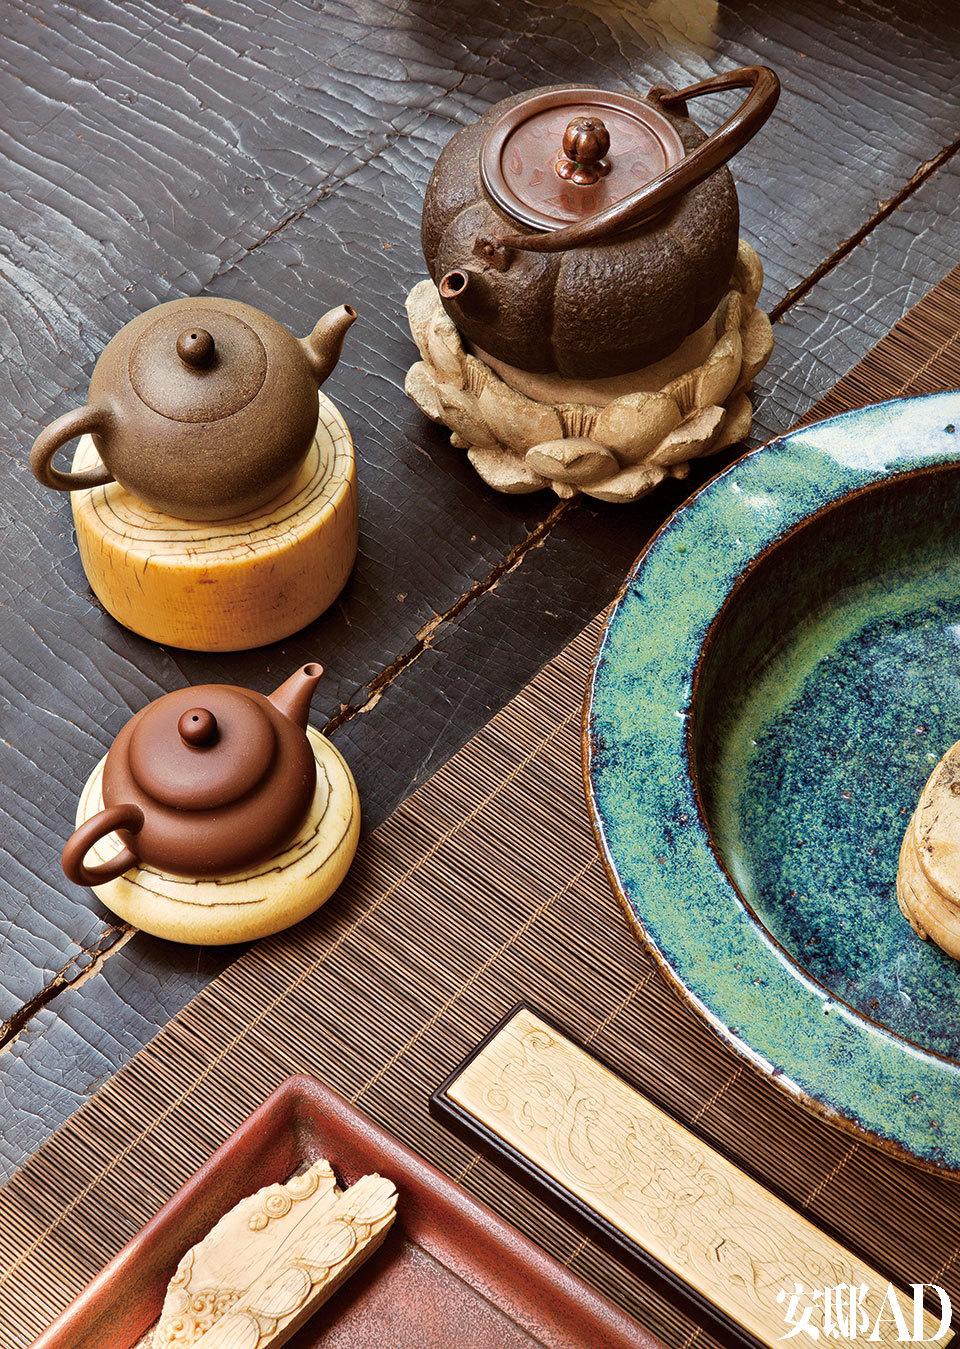 书房一角,摆着茶壶和小玩意儿,随处皆景。